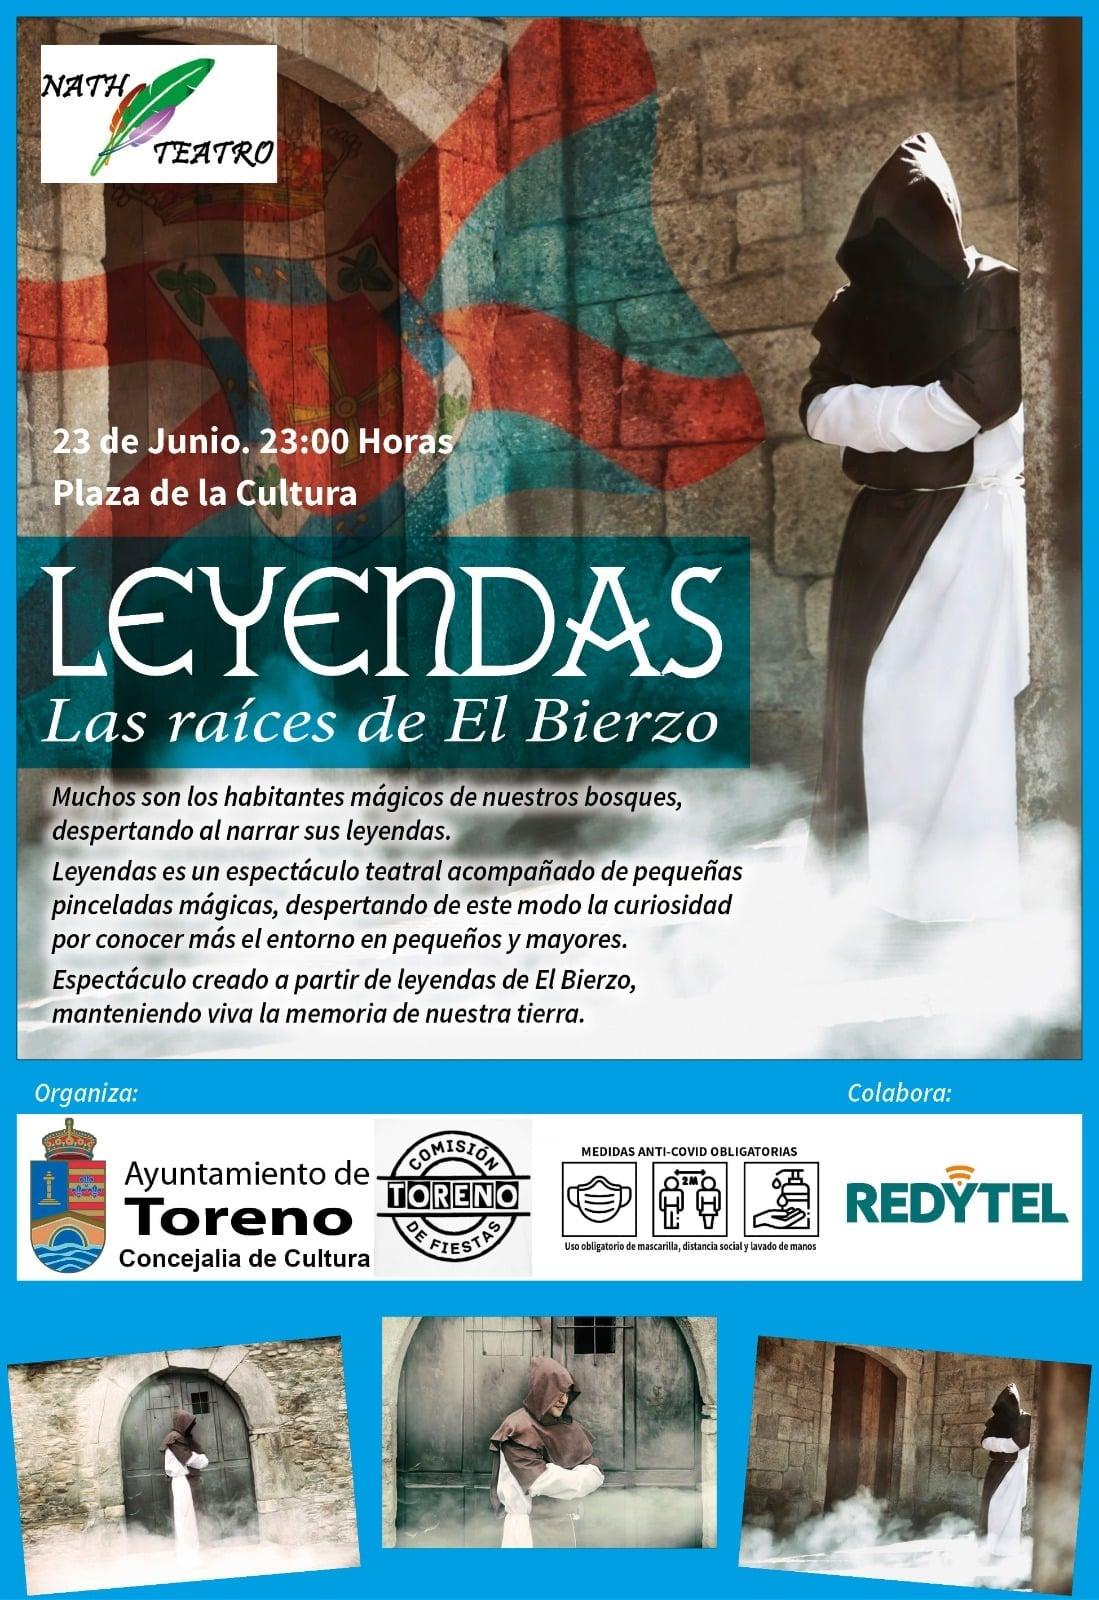 NATH Teatro presenta el espectáculo leyendas en Toreno la noche de San Juan 1